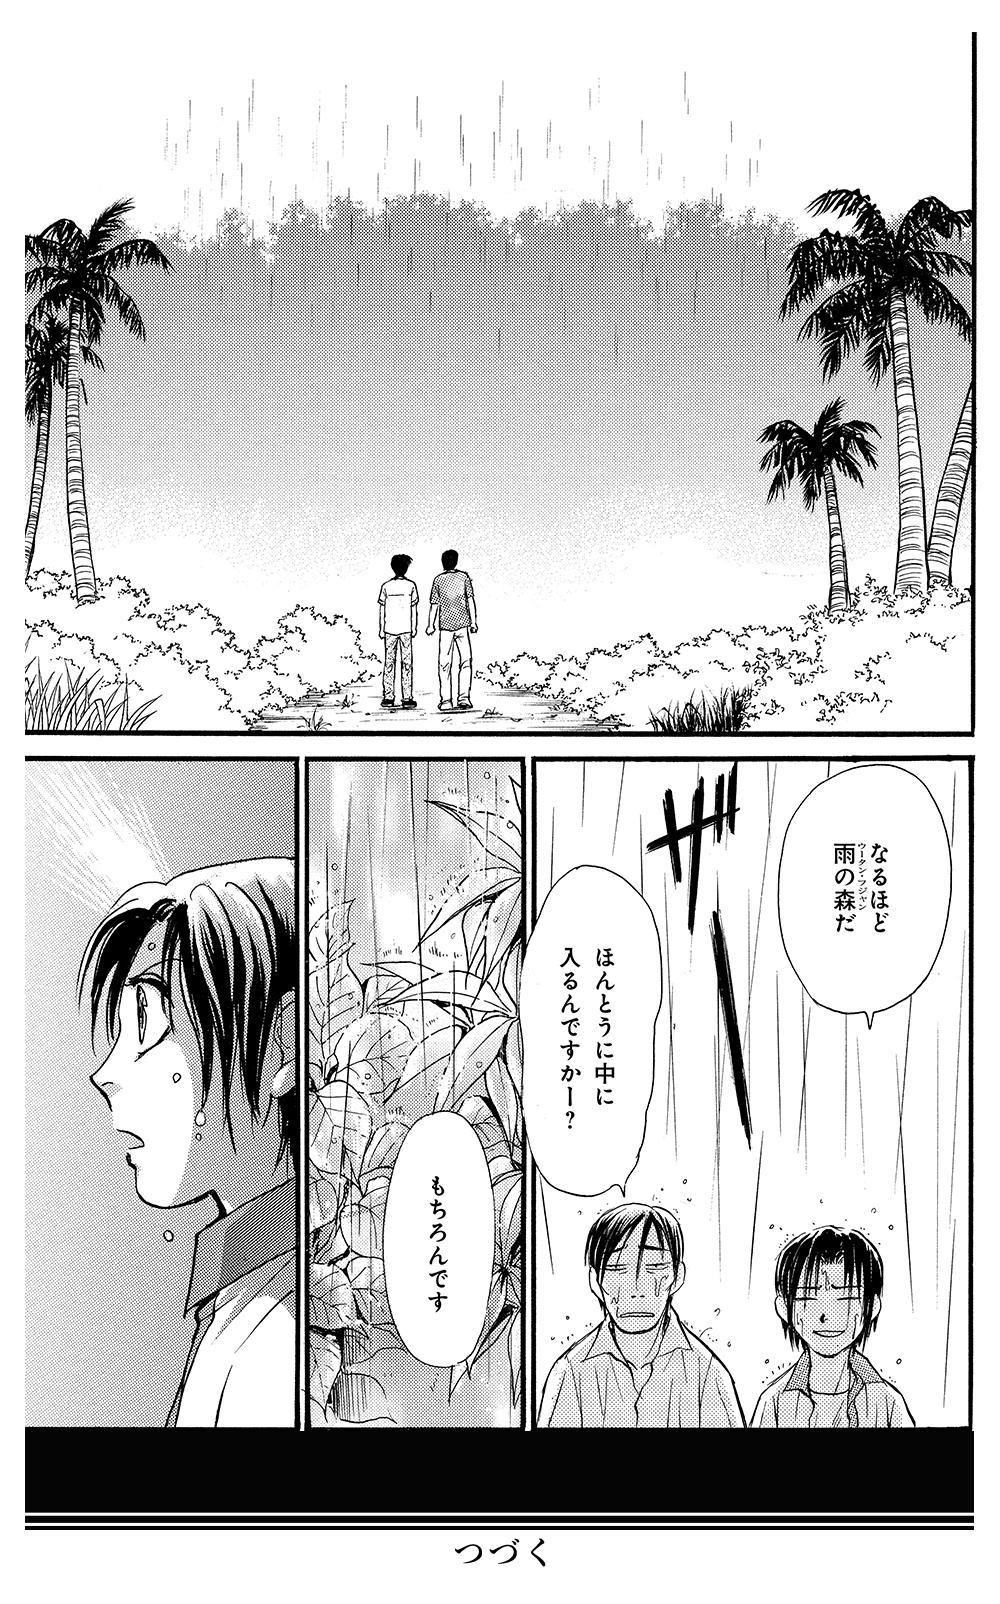 くにのまほろば 第1話 ②kunimaho02-13.jpg